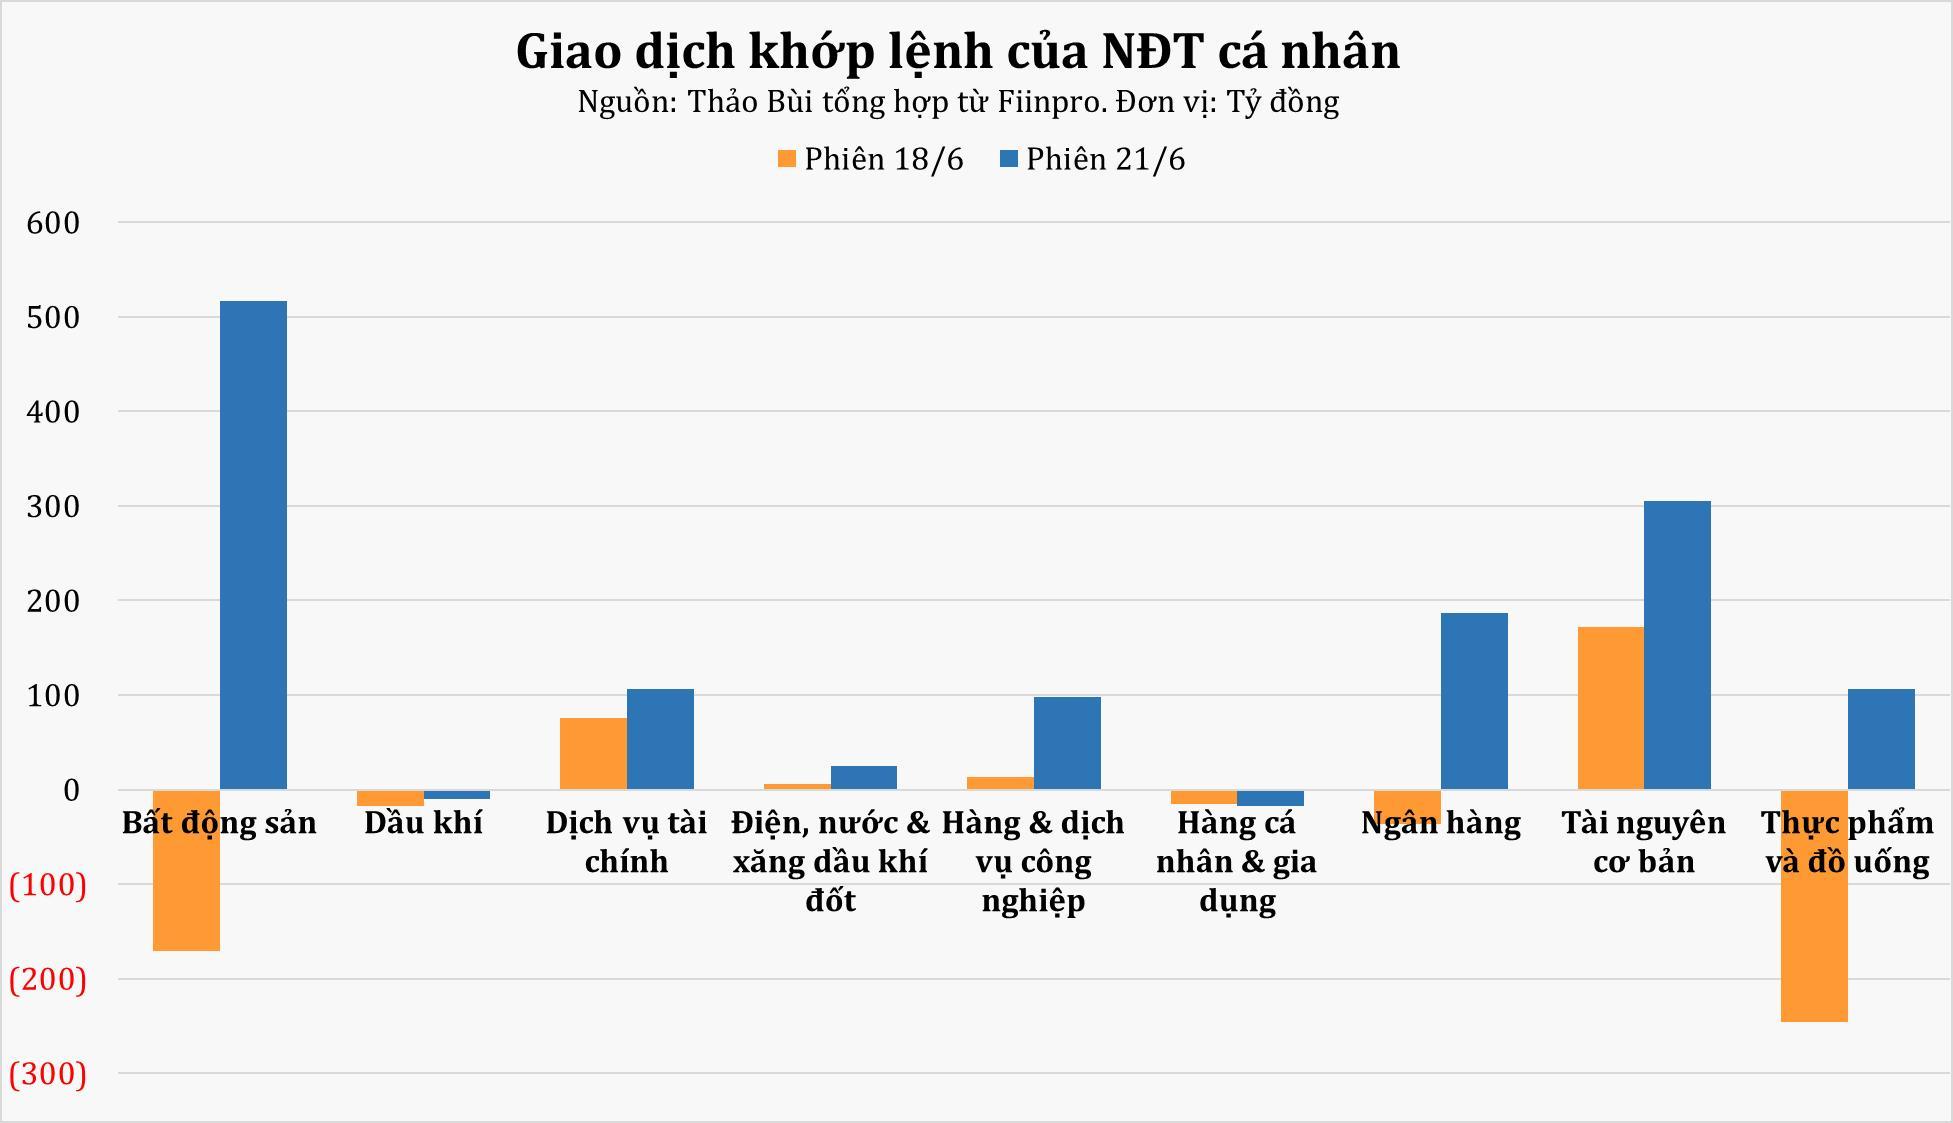 NĐT cá nhân vẫn duy trì mua ròng trên 1.300 tỷ đồng mặc khối ngoại xả hàng - Ảnh 2.